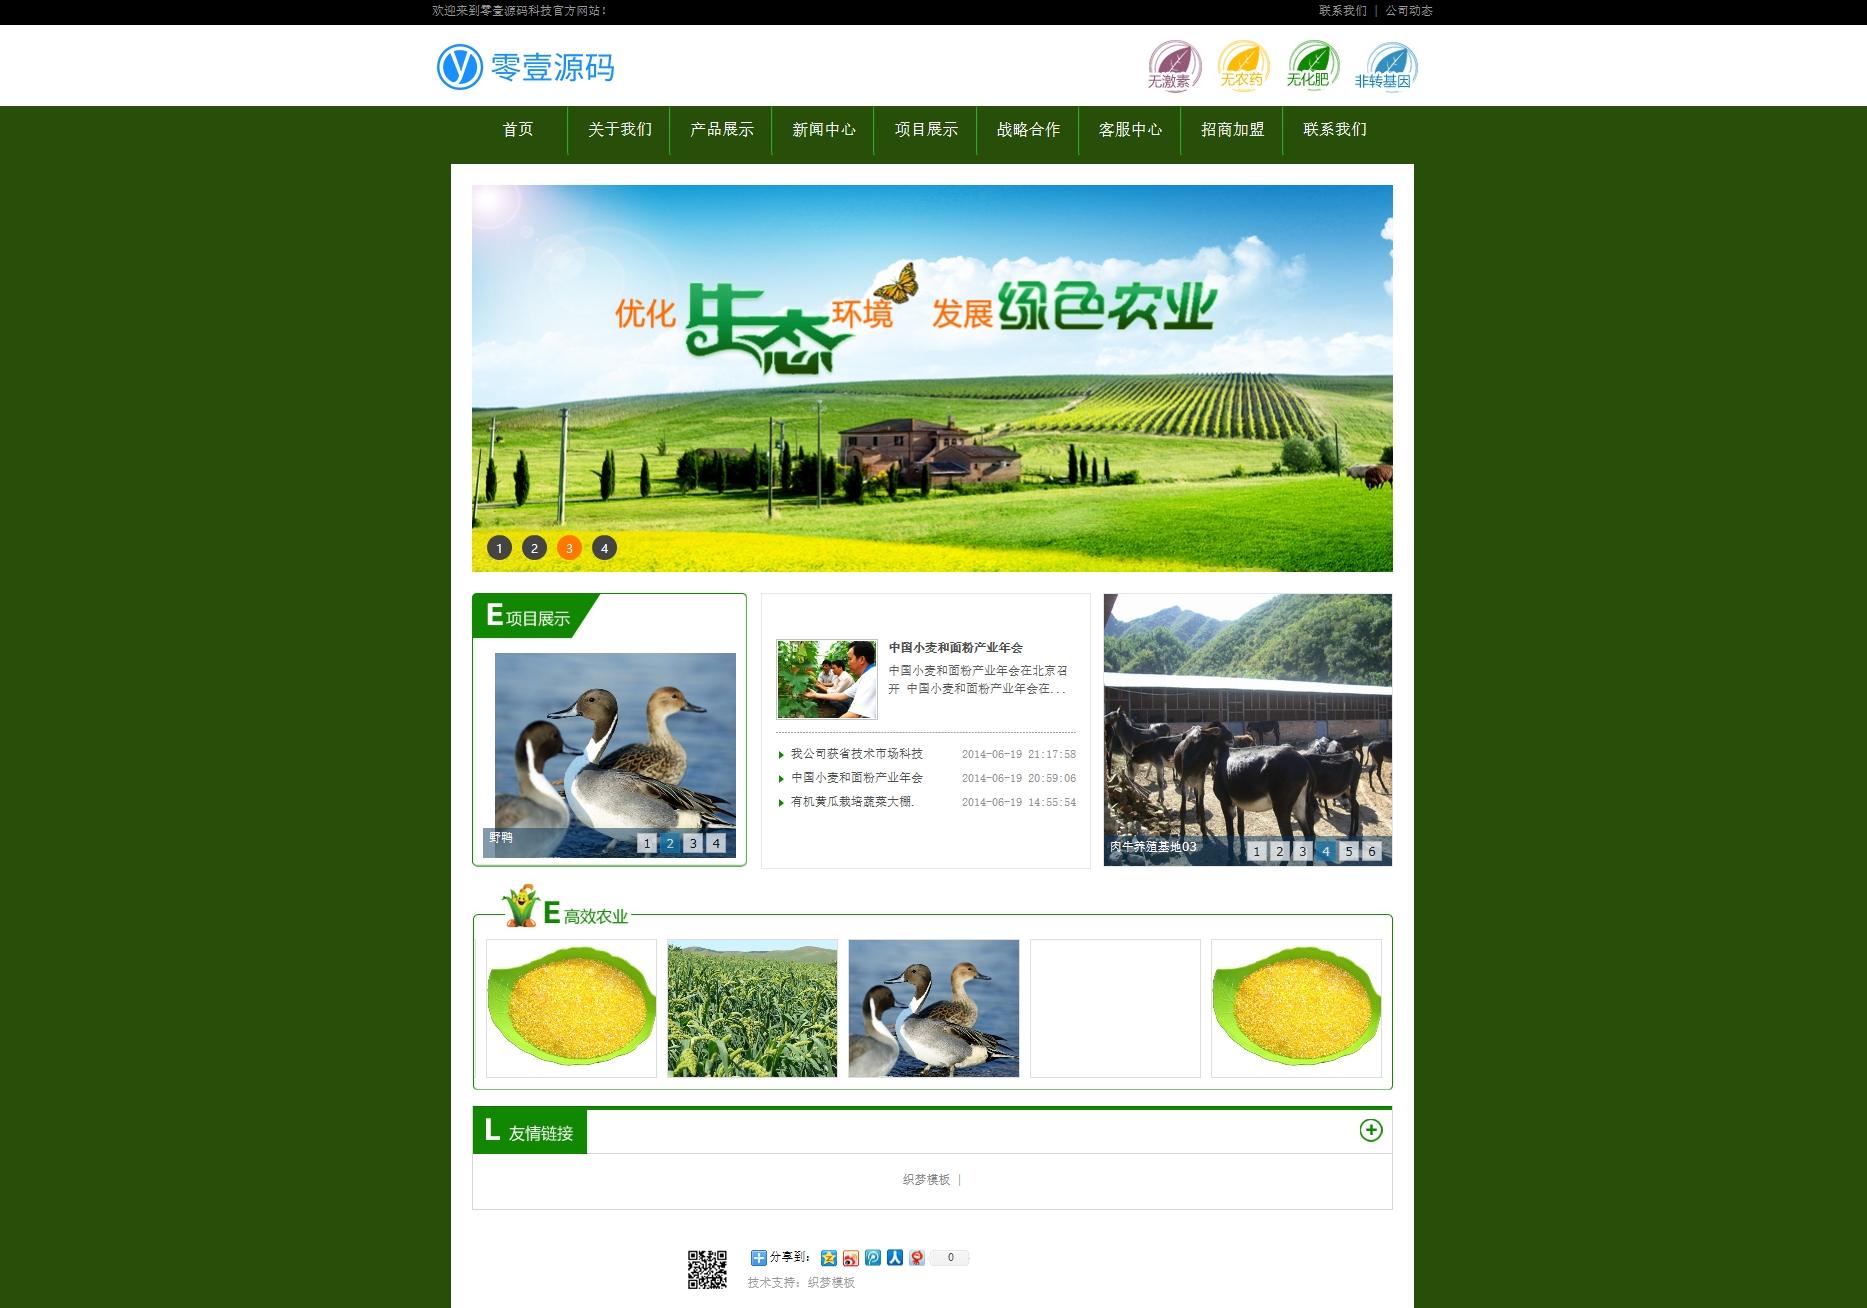 绿色农业生态产品类企业网站织梦dedecms模板